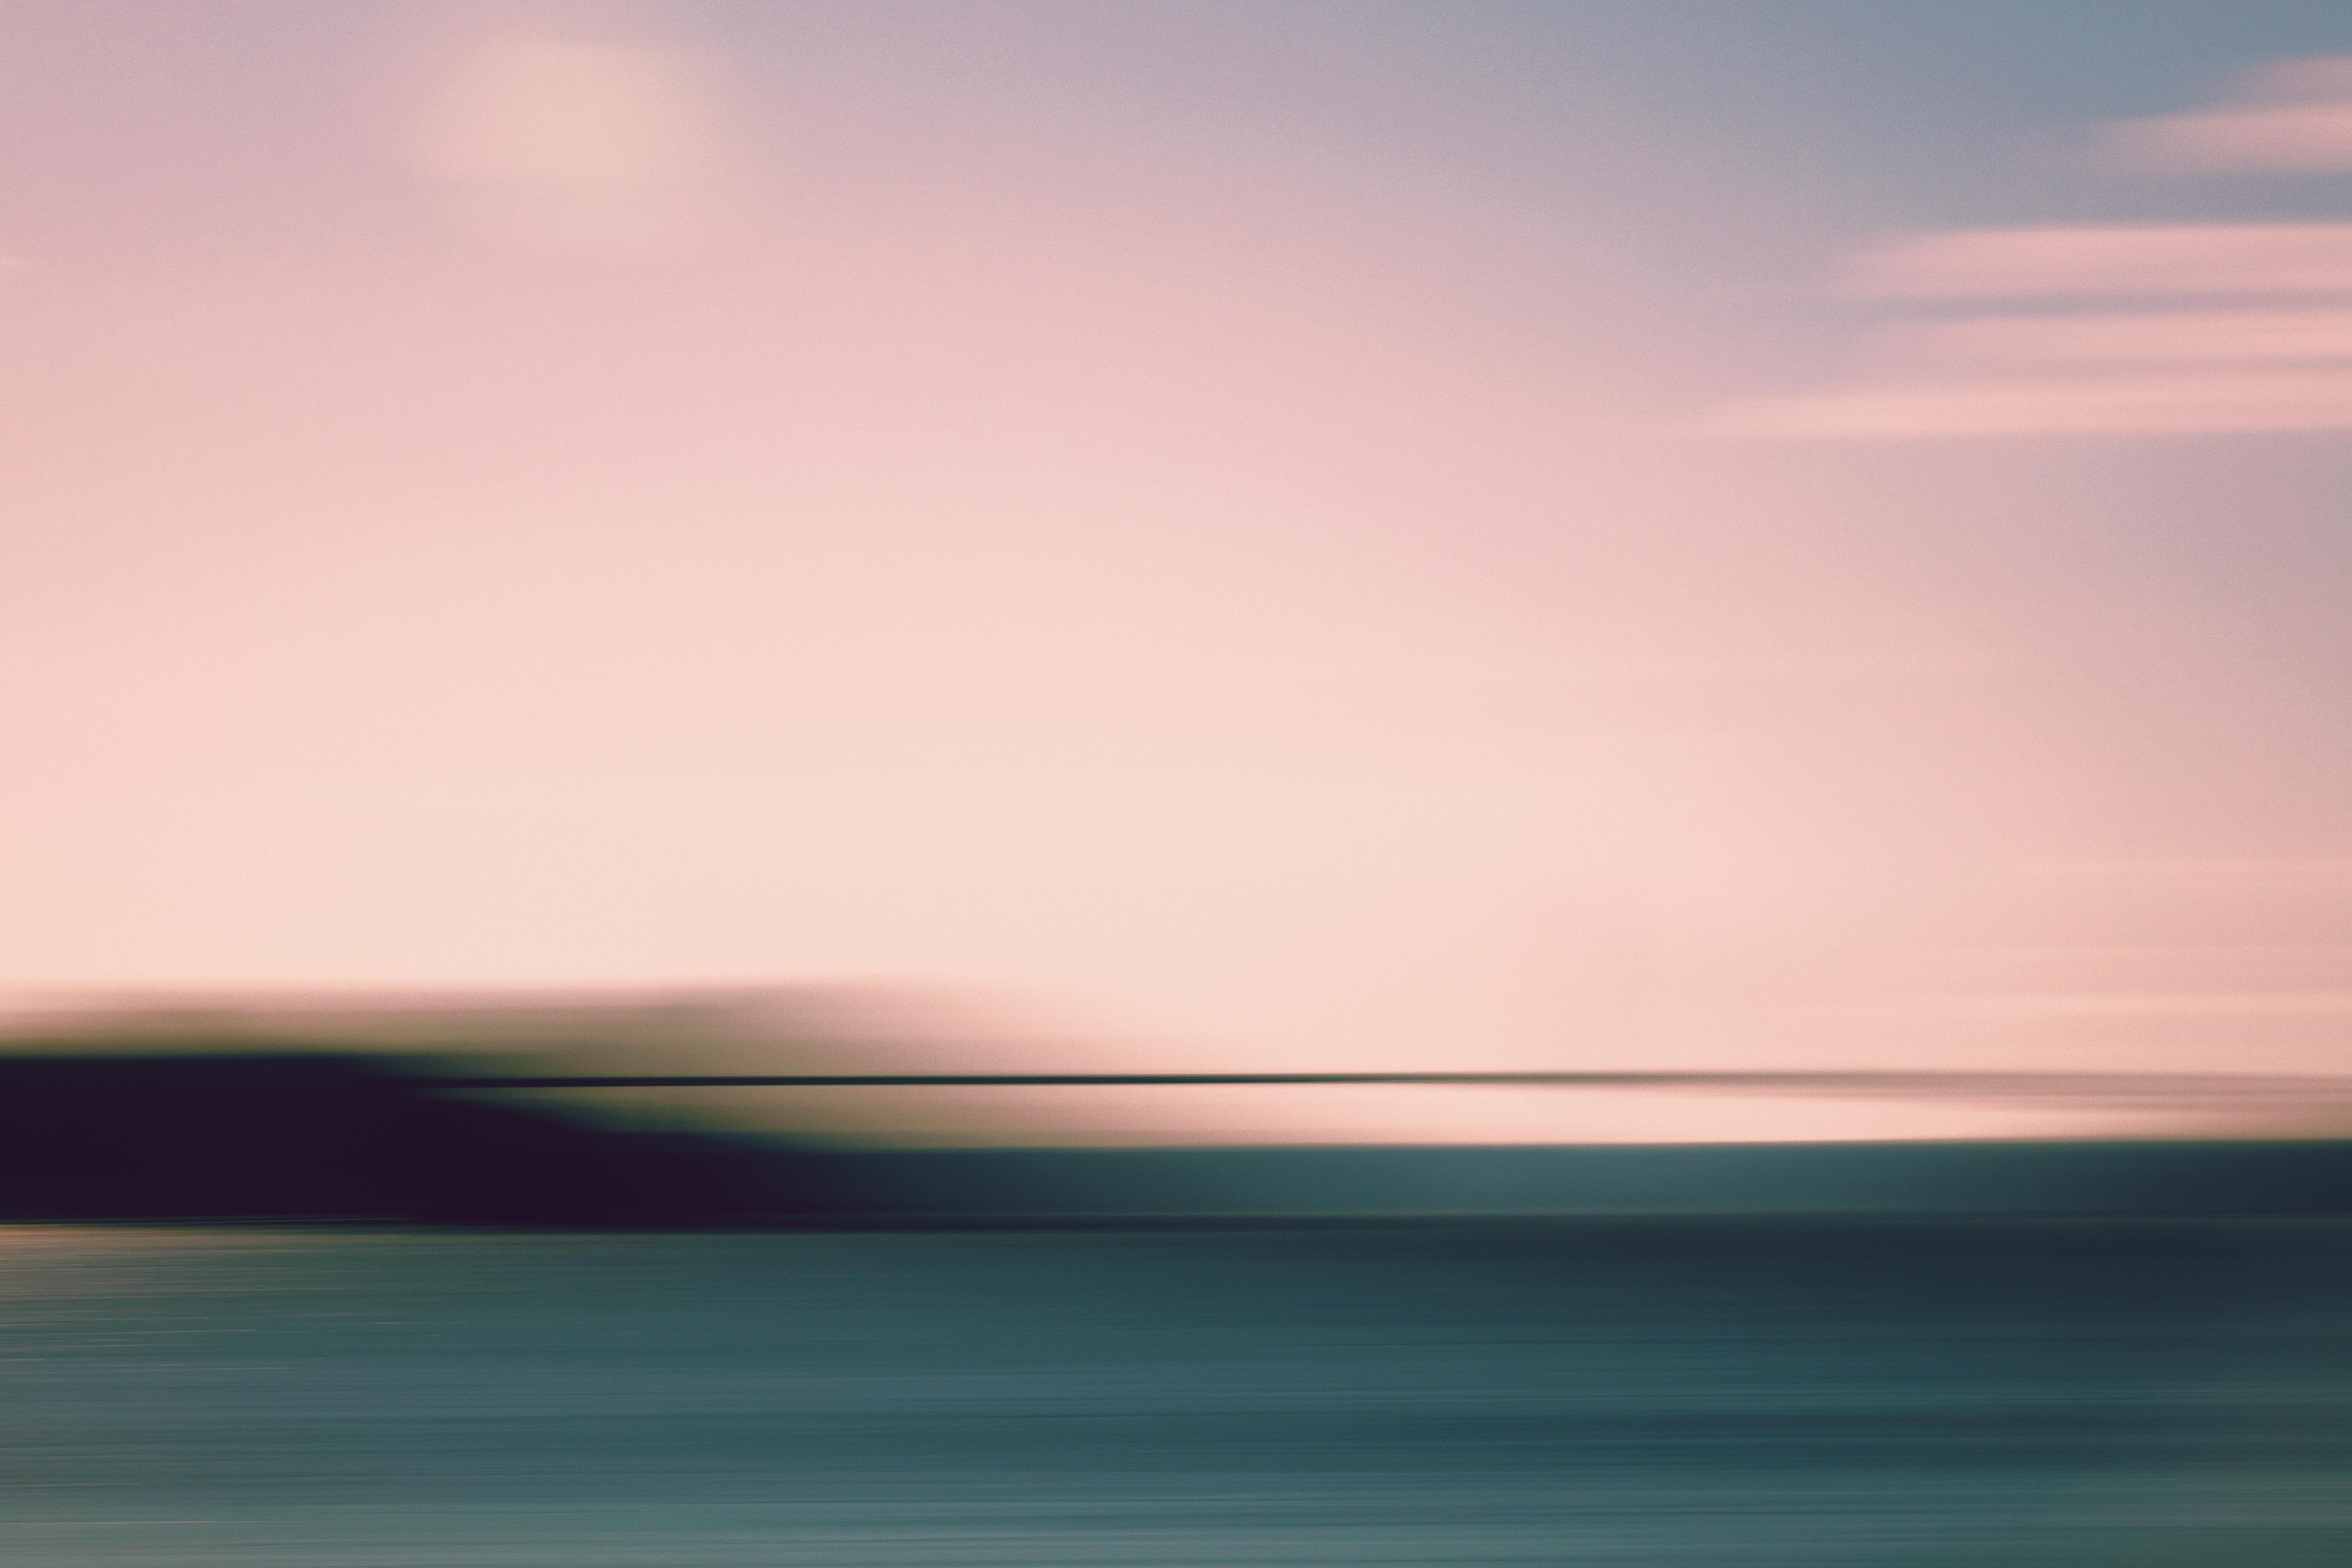 Margarita Sheremet, daydream series